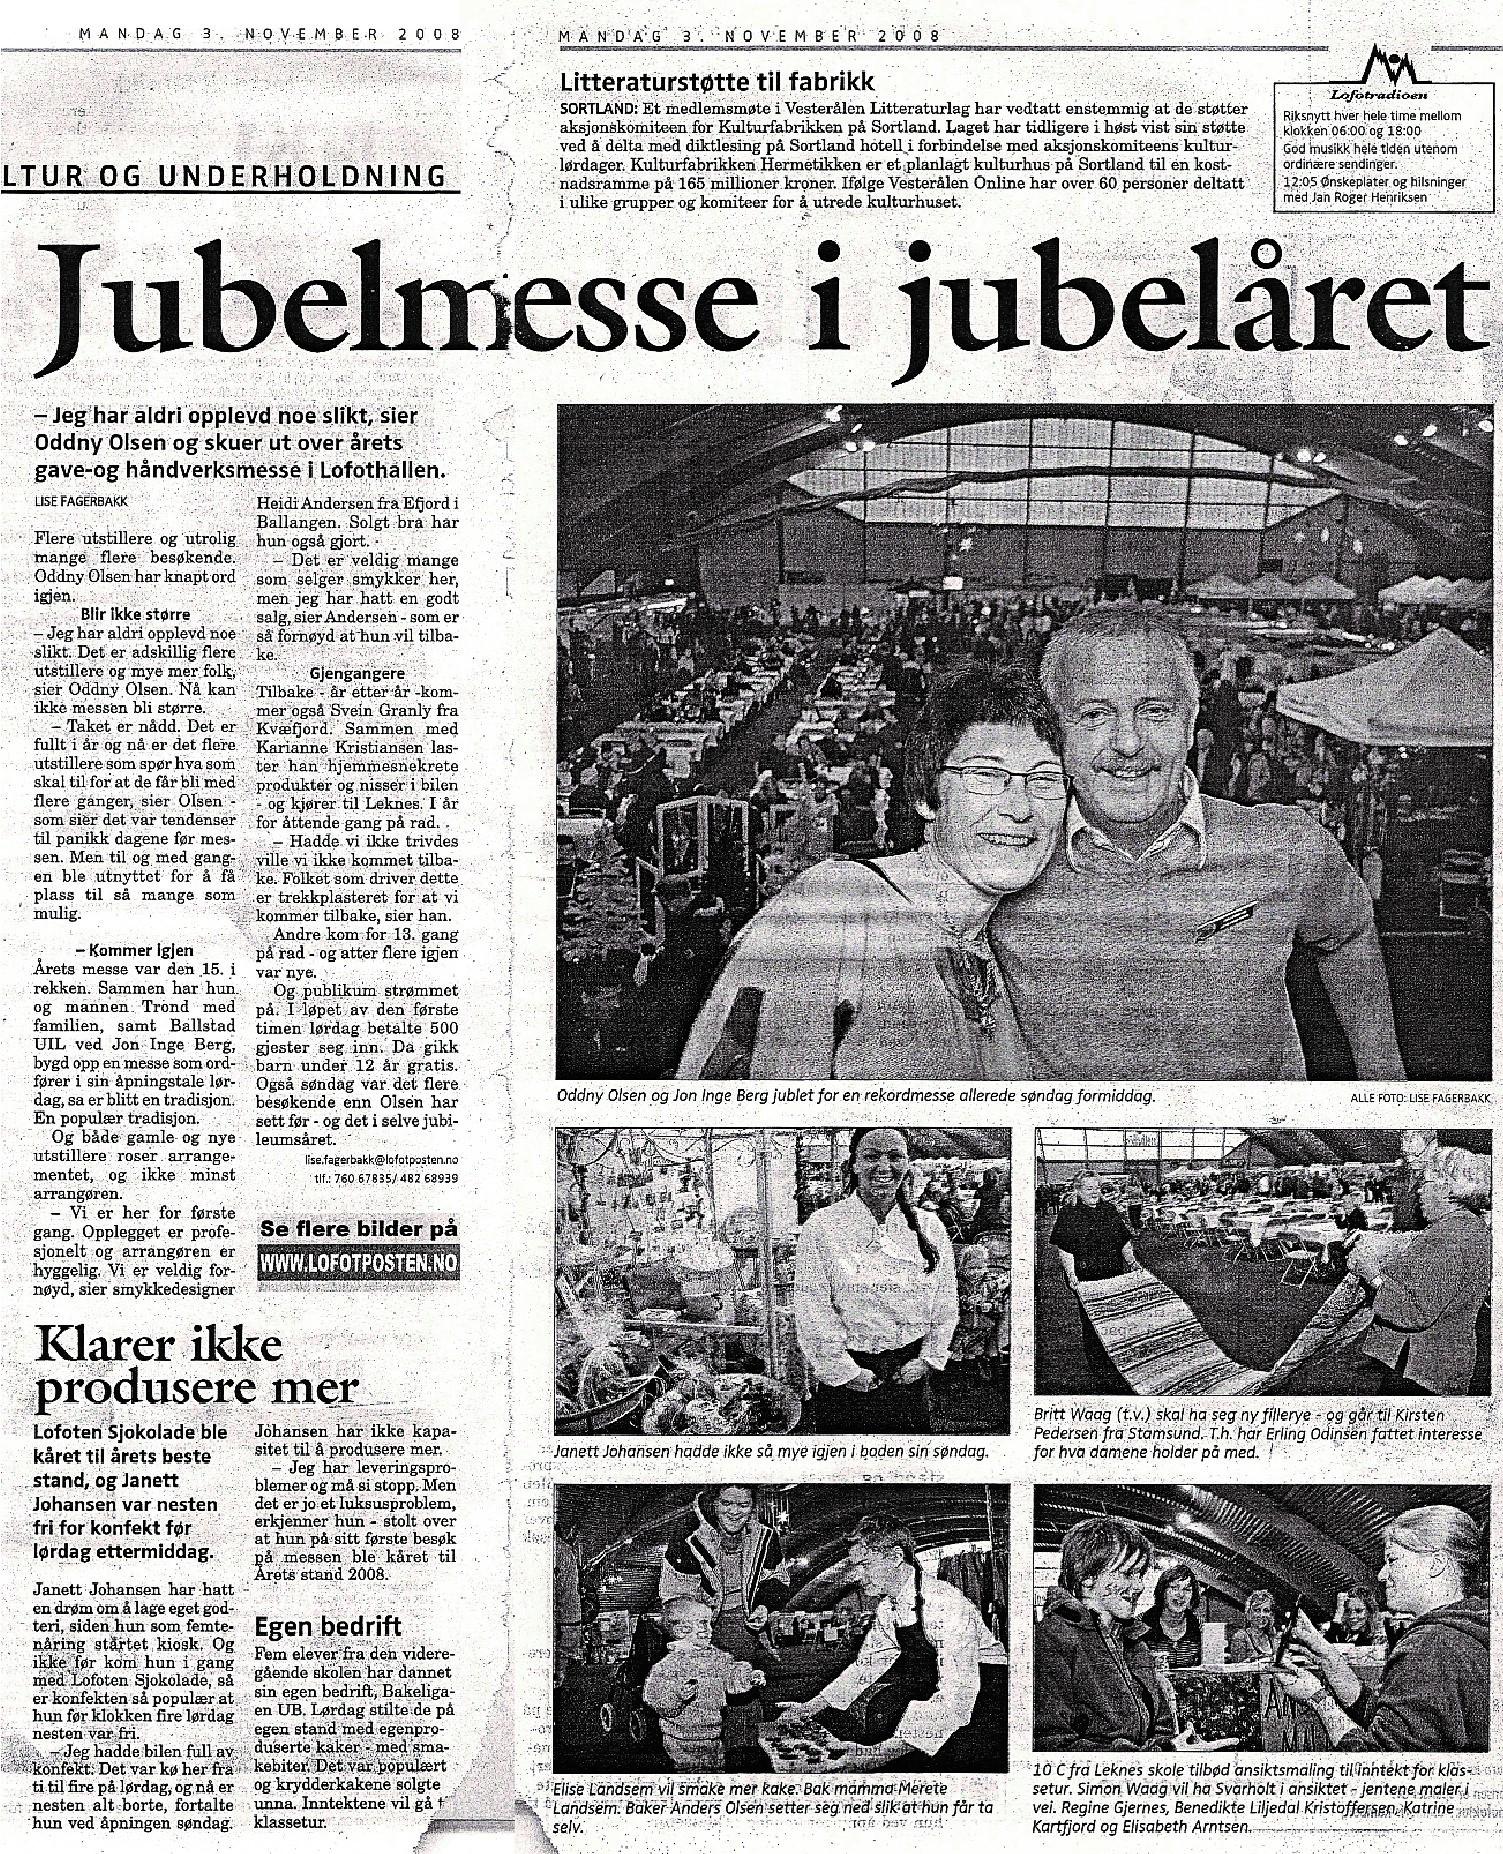 2008 avis-03-2-01.jpg